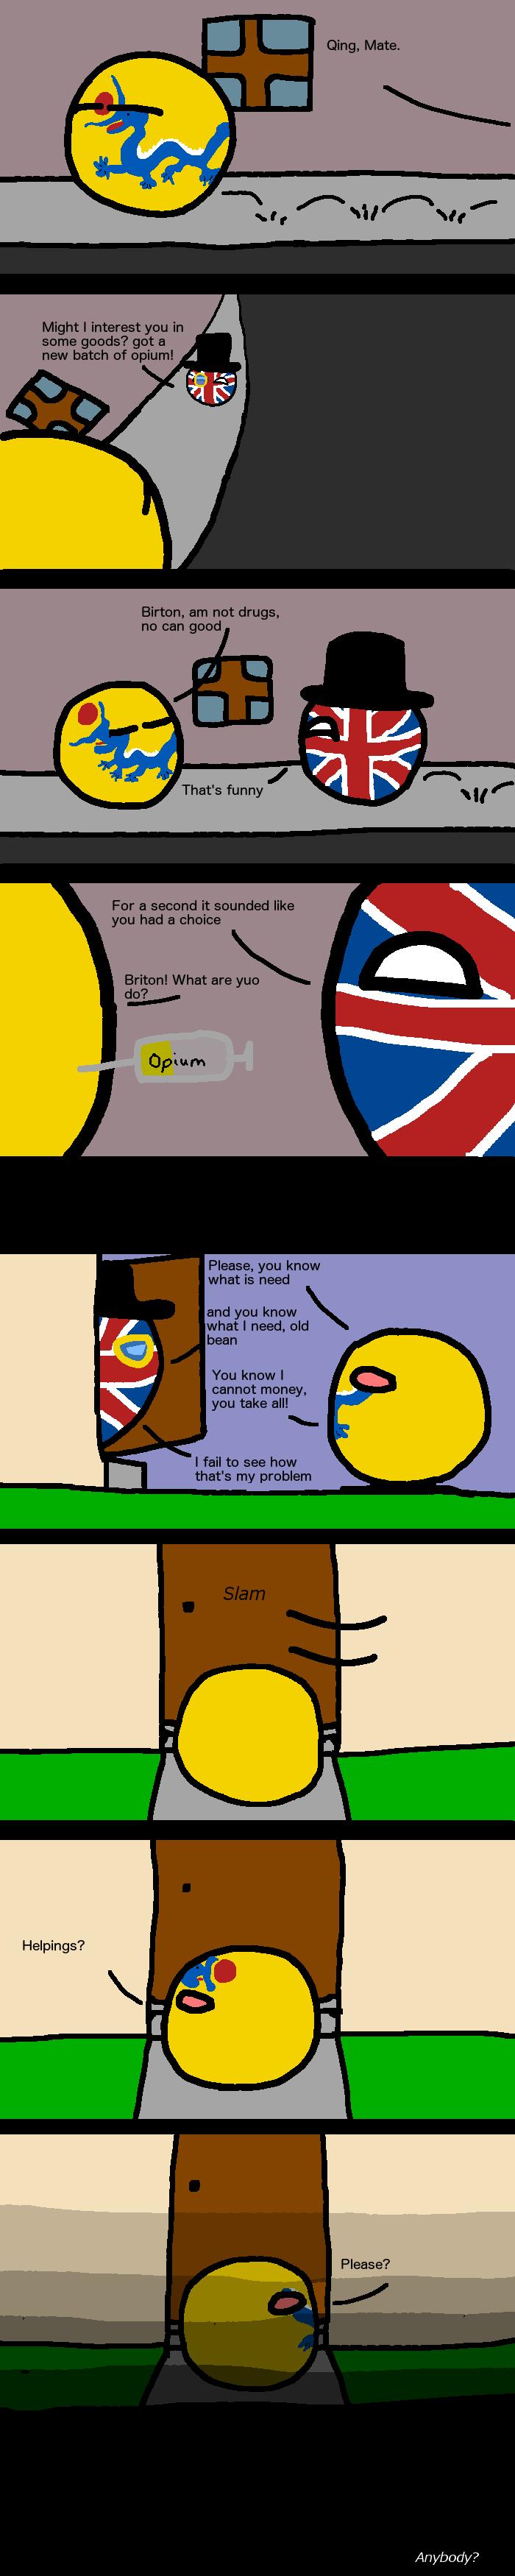 Opium is Qing